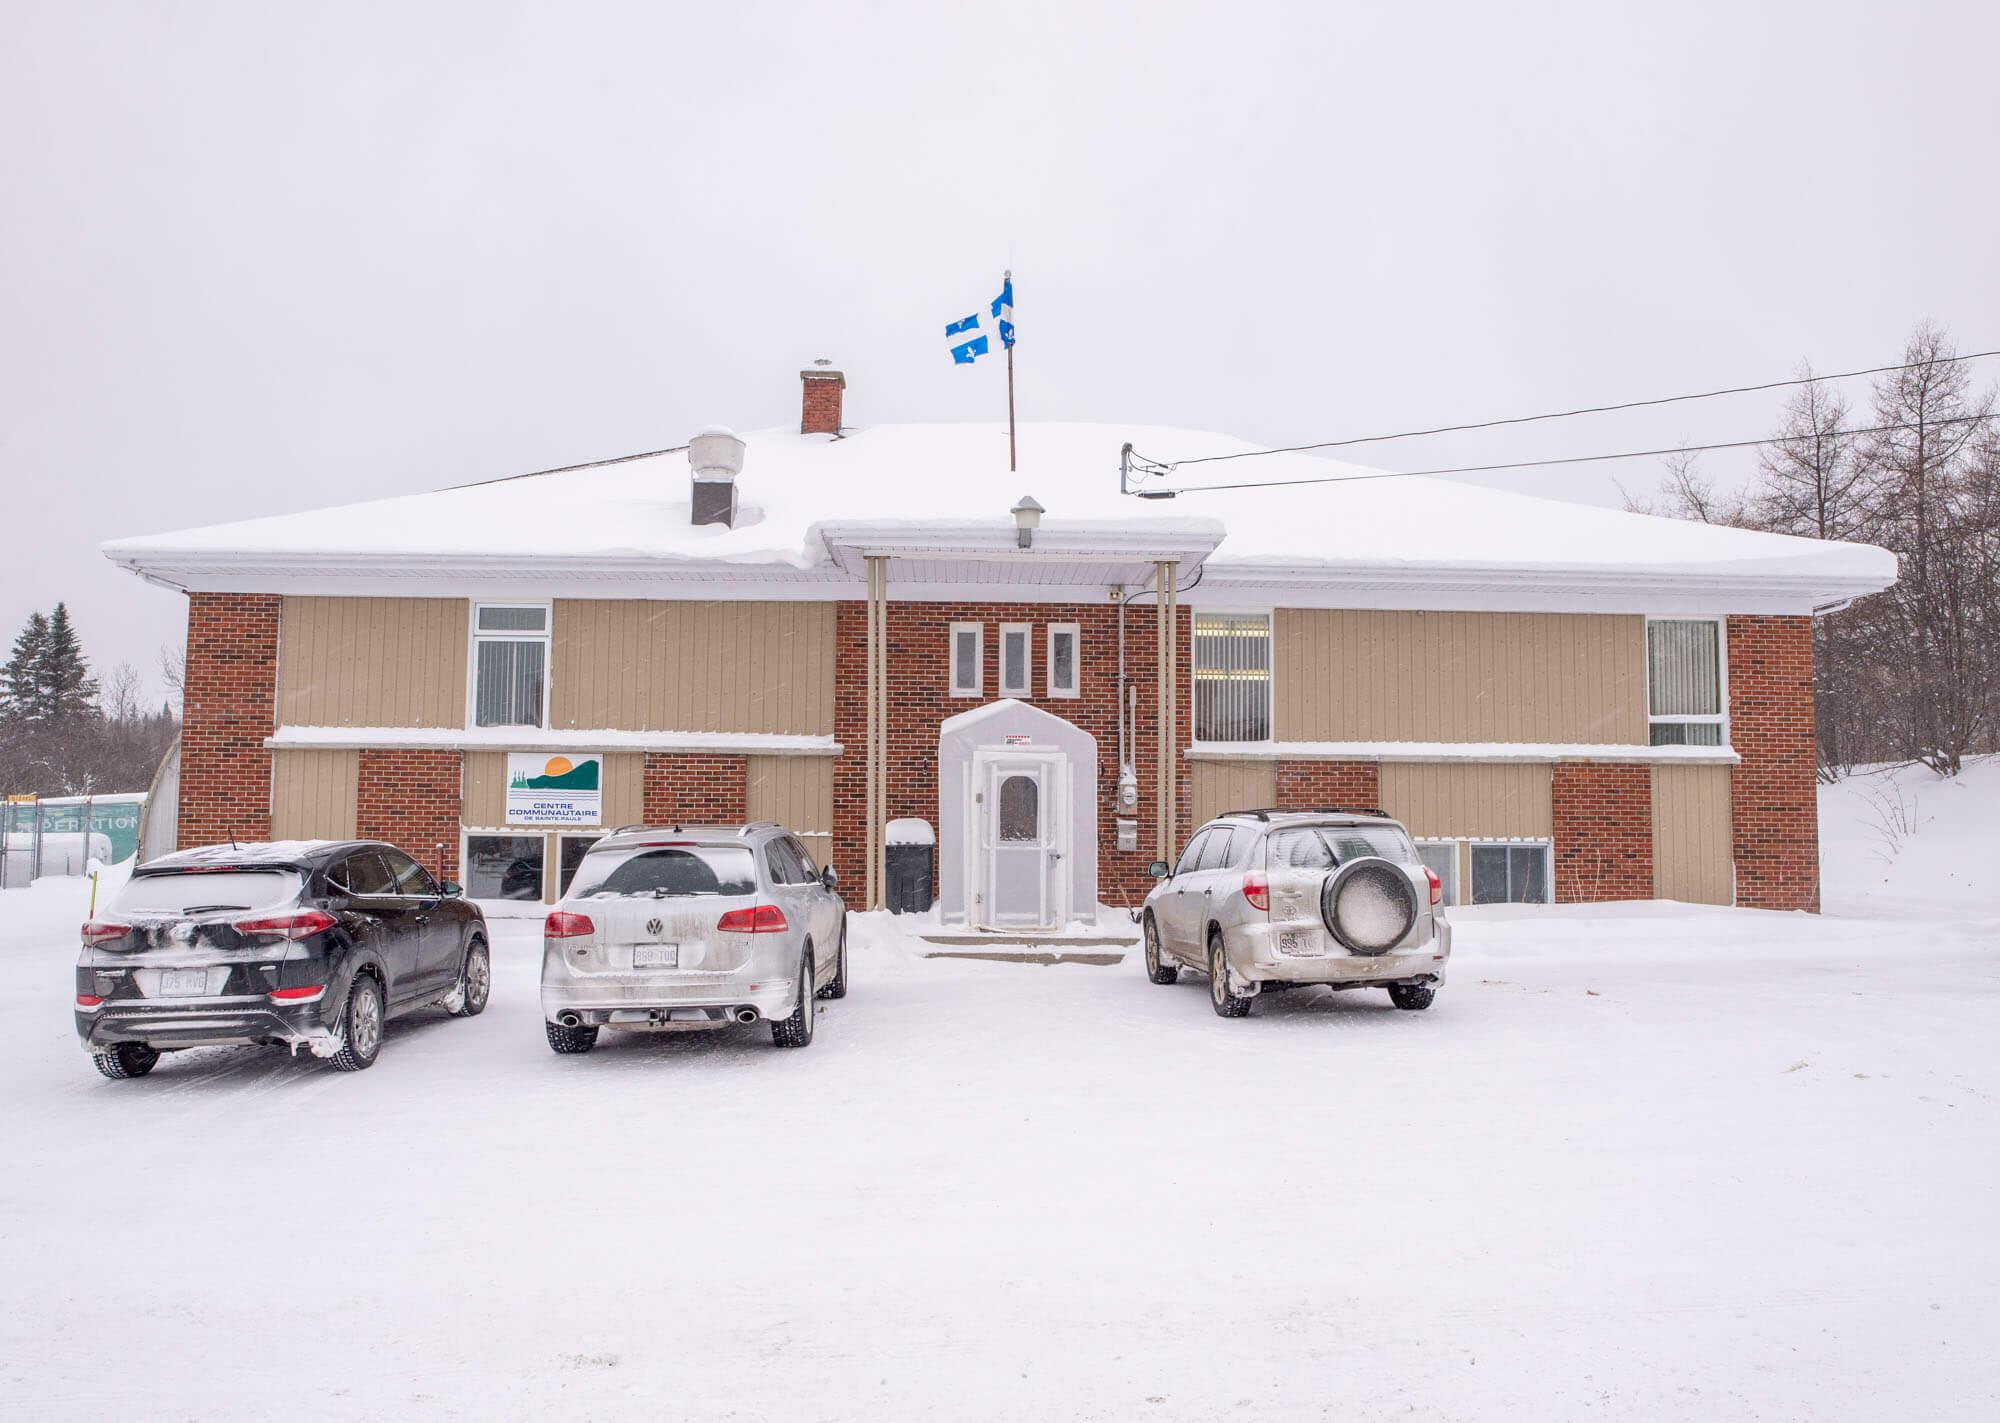 Sainte-Paule édifice municipal centre communautaire